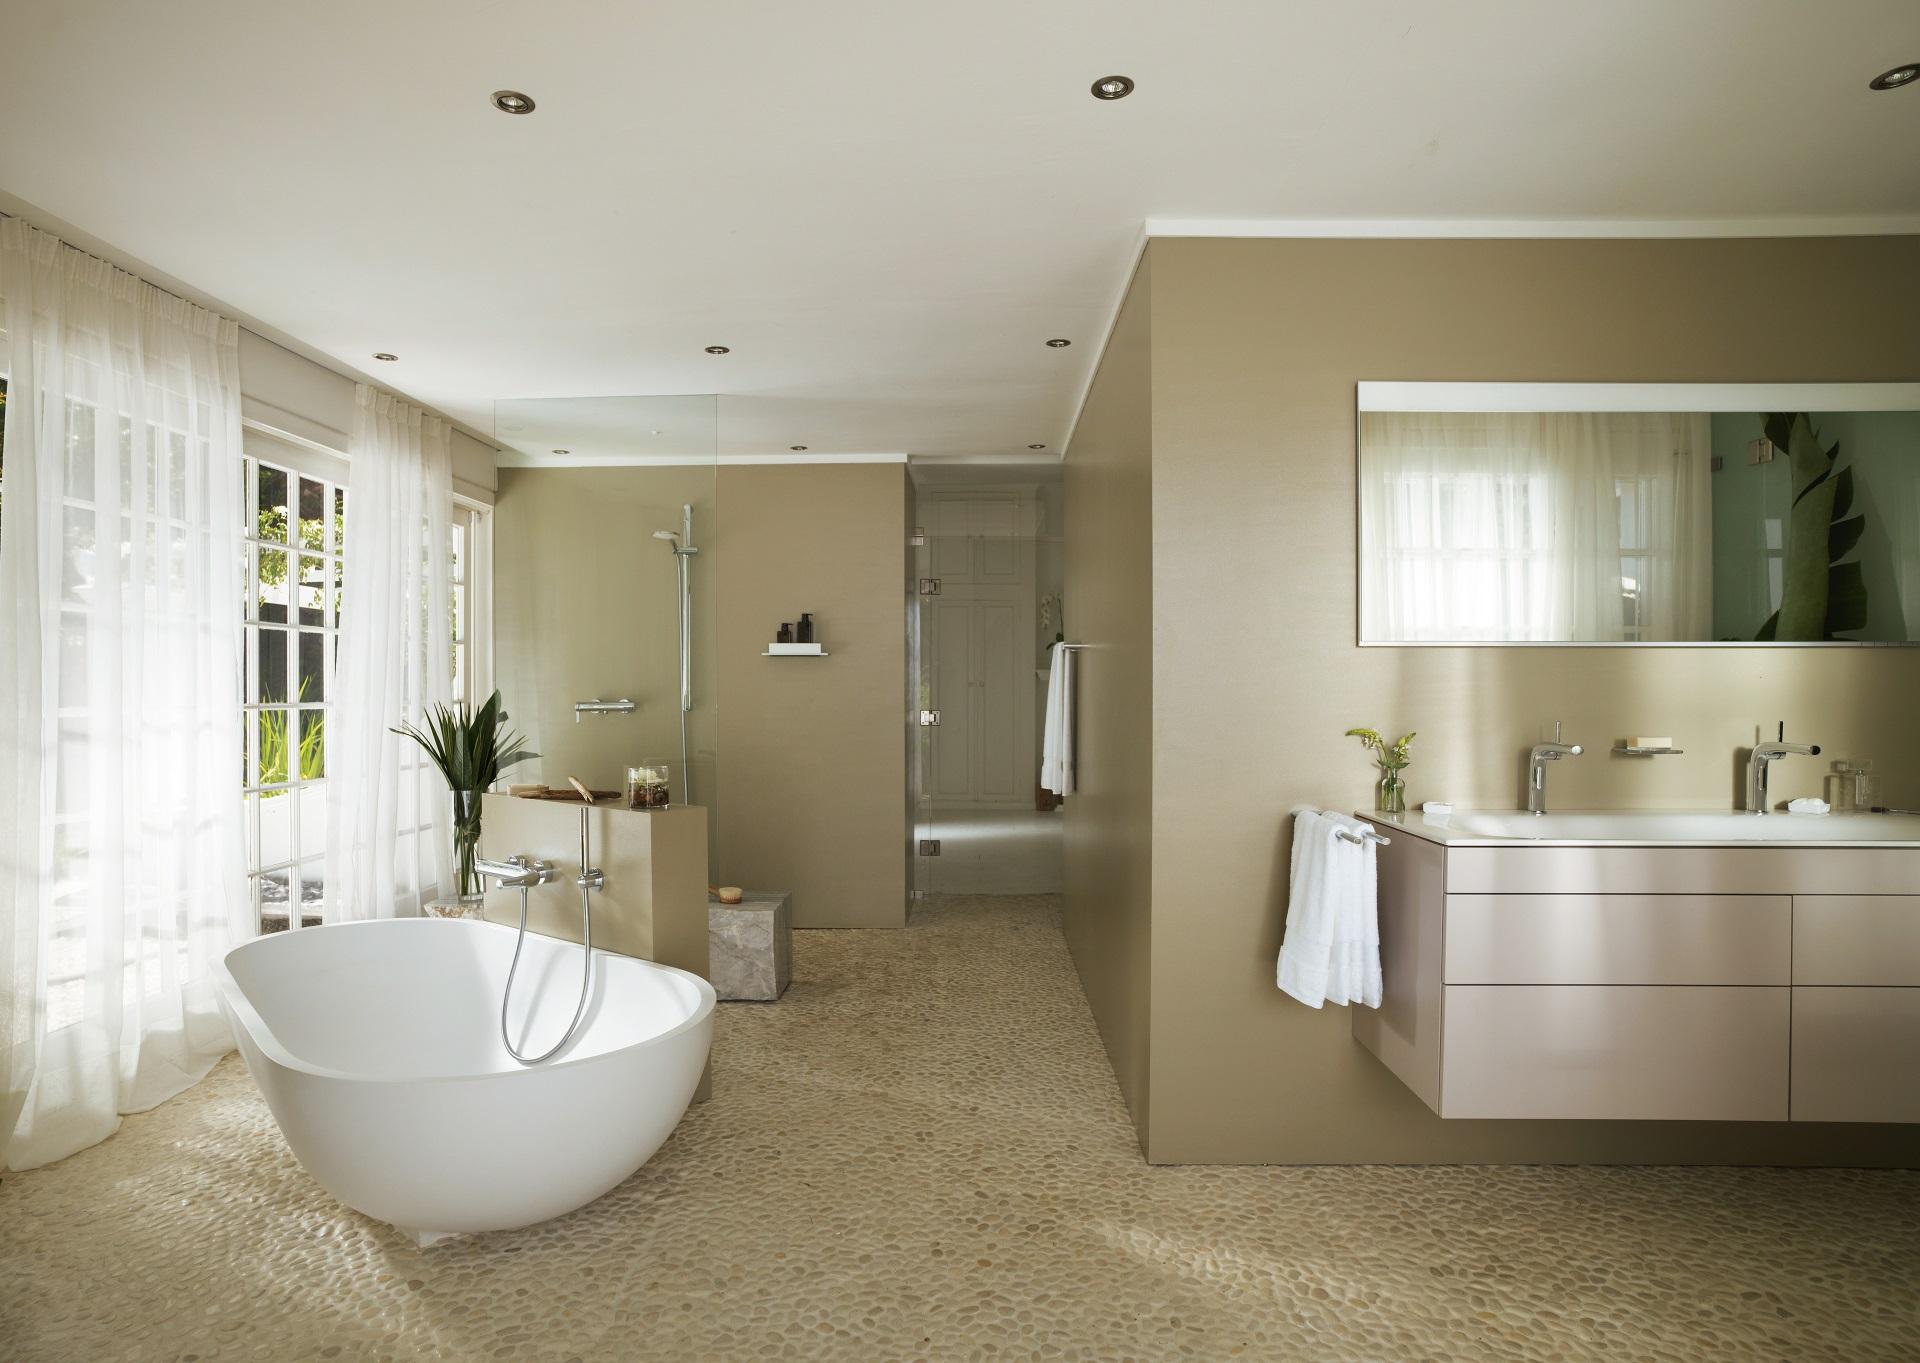 Abbildung klassisches Badezimmer von KEUCO mit großer Badewanne, Waschtisch und Dusche